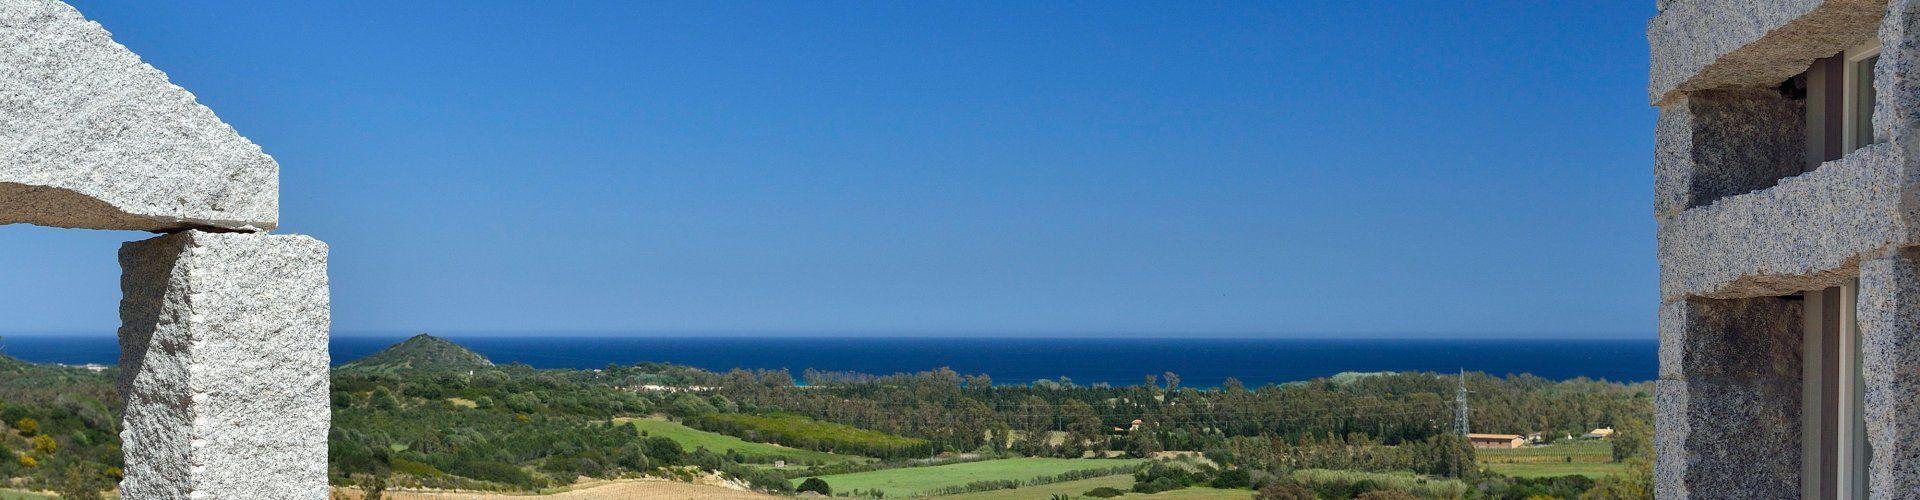 Ferienvilla mit Meerblick in Cala Sinzias